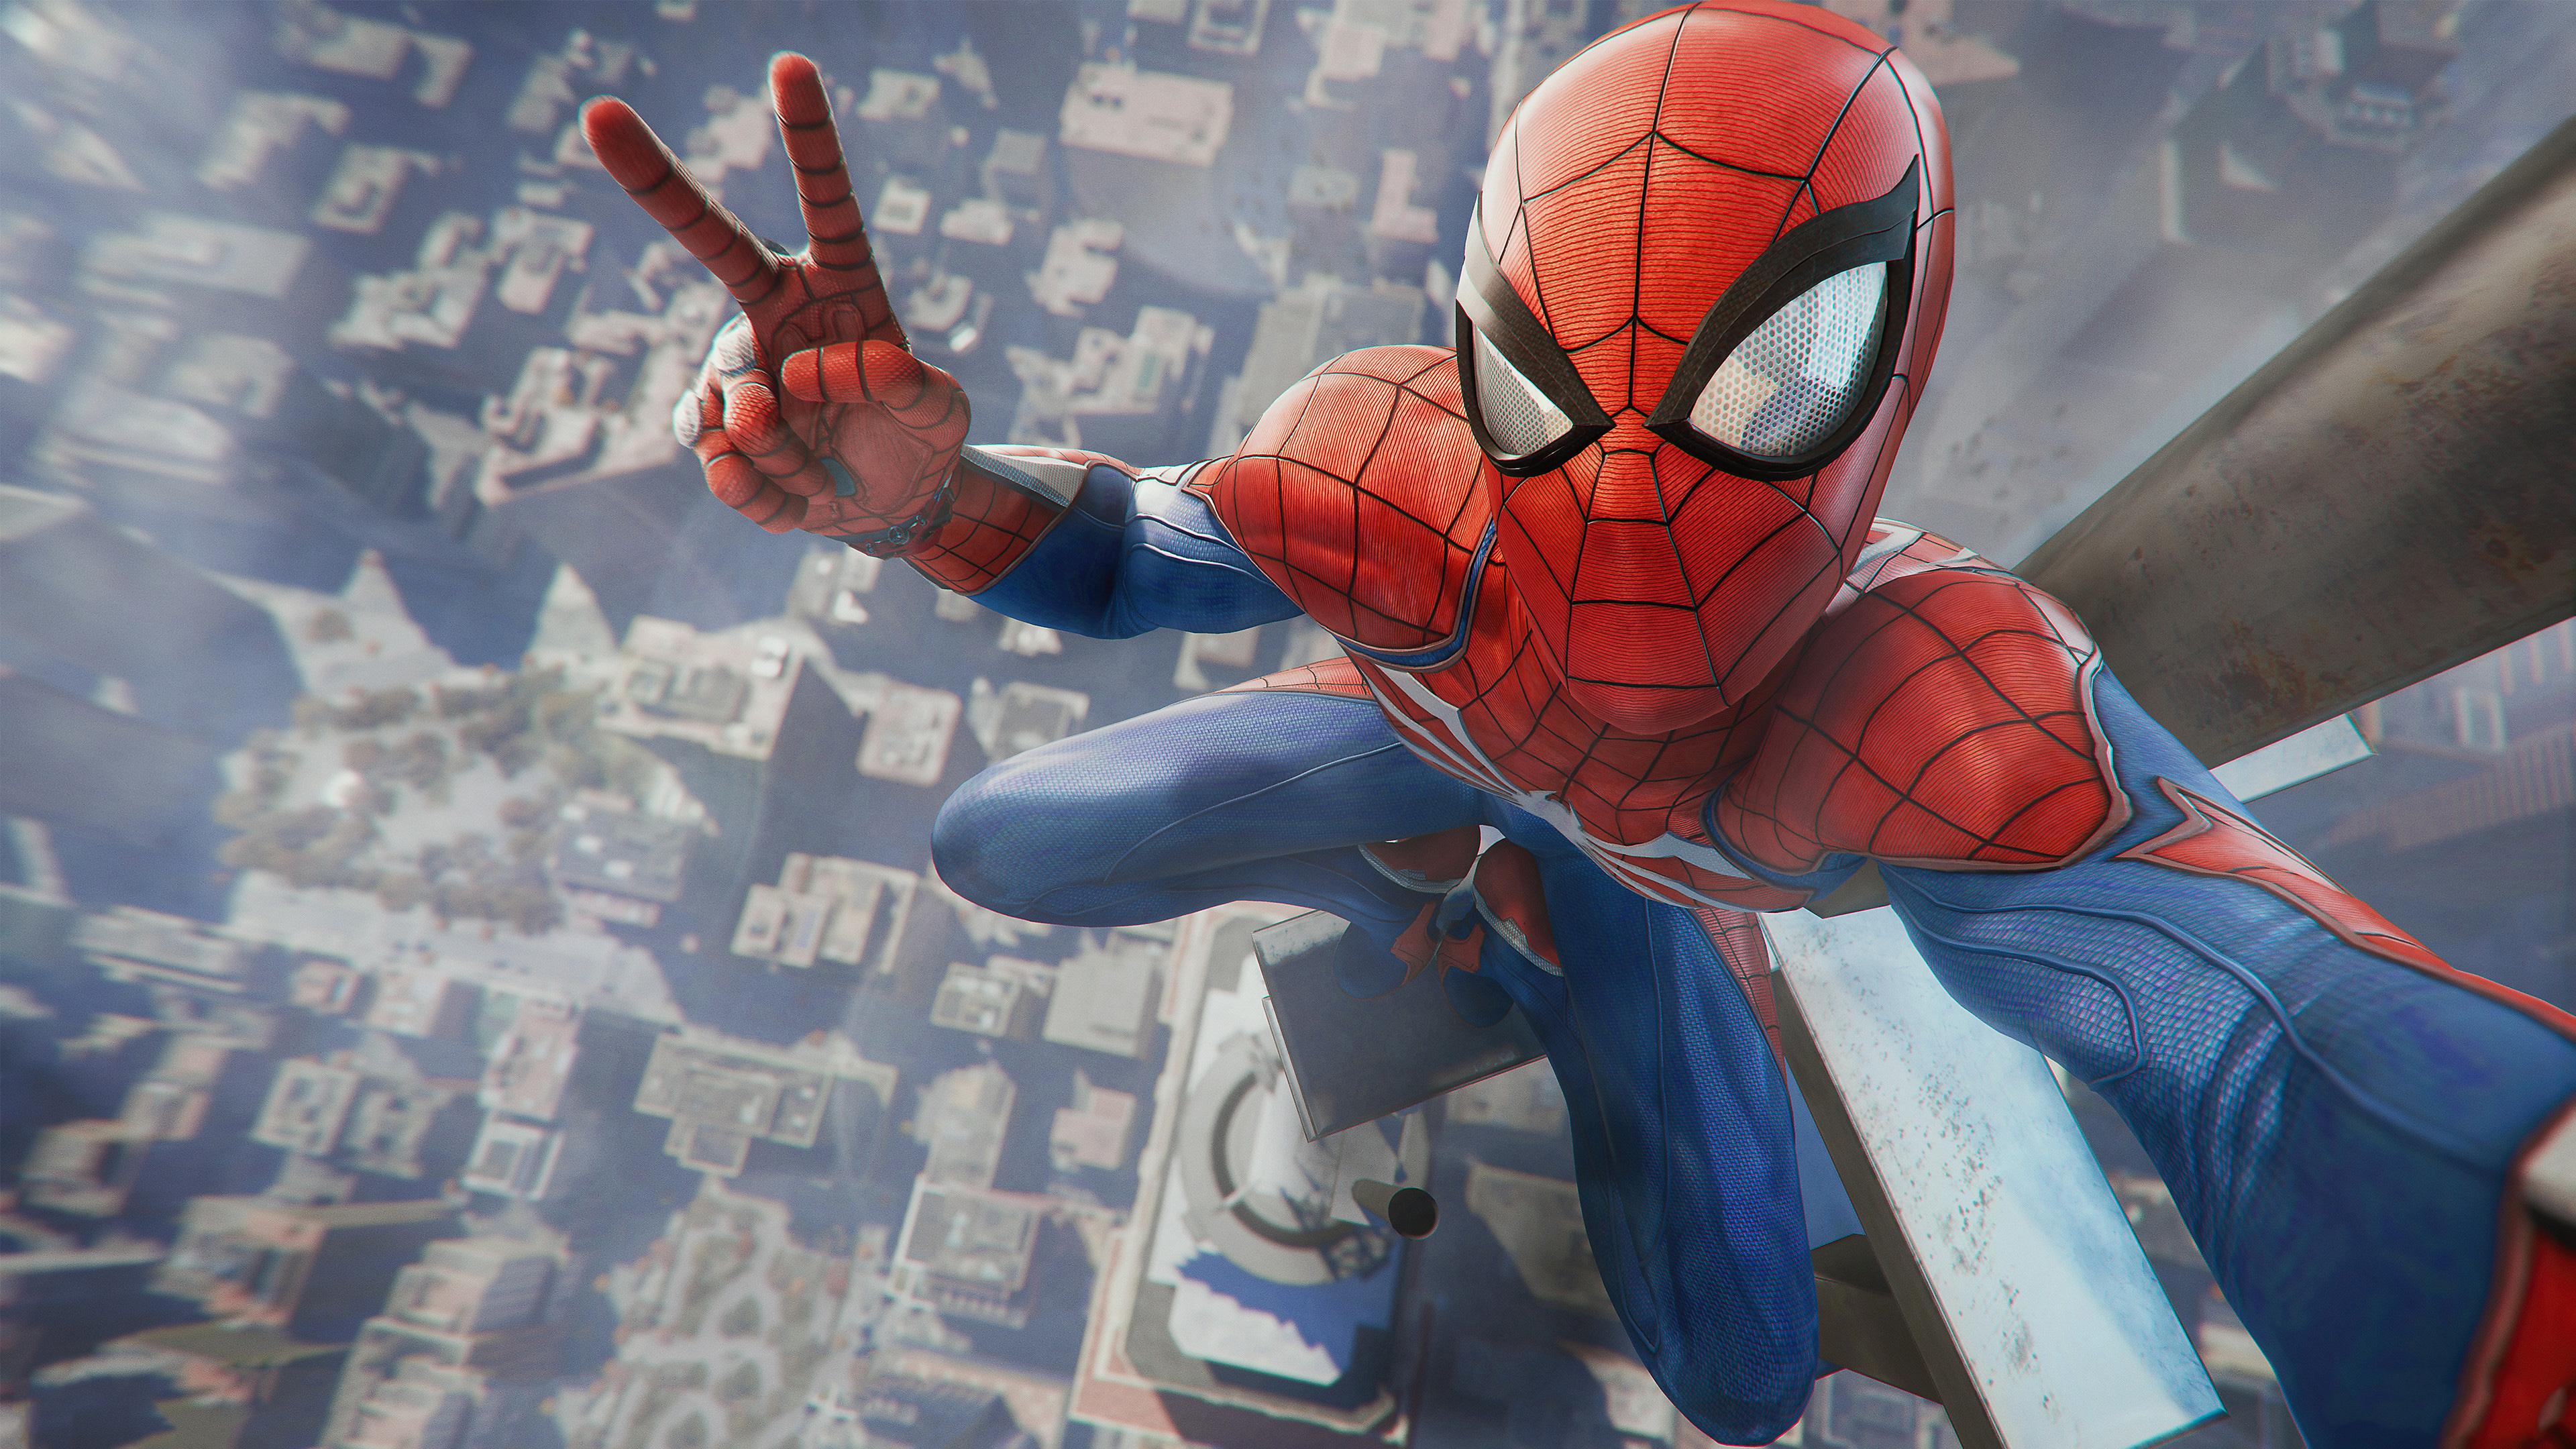 Человек-паук игра playstation 4 обои скачать